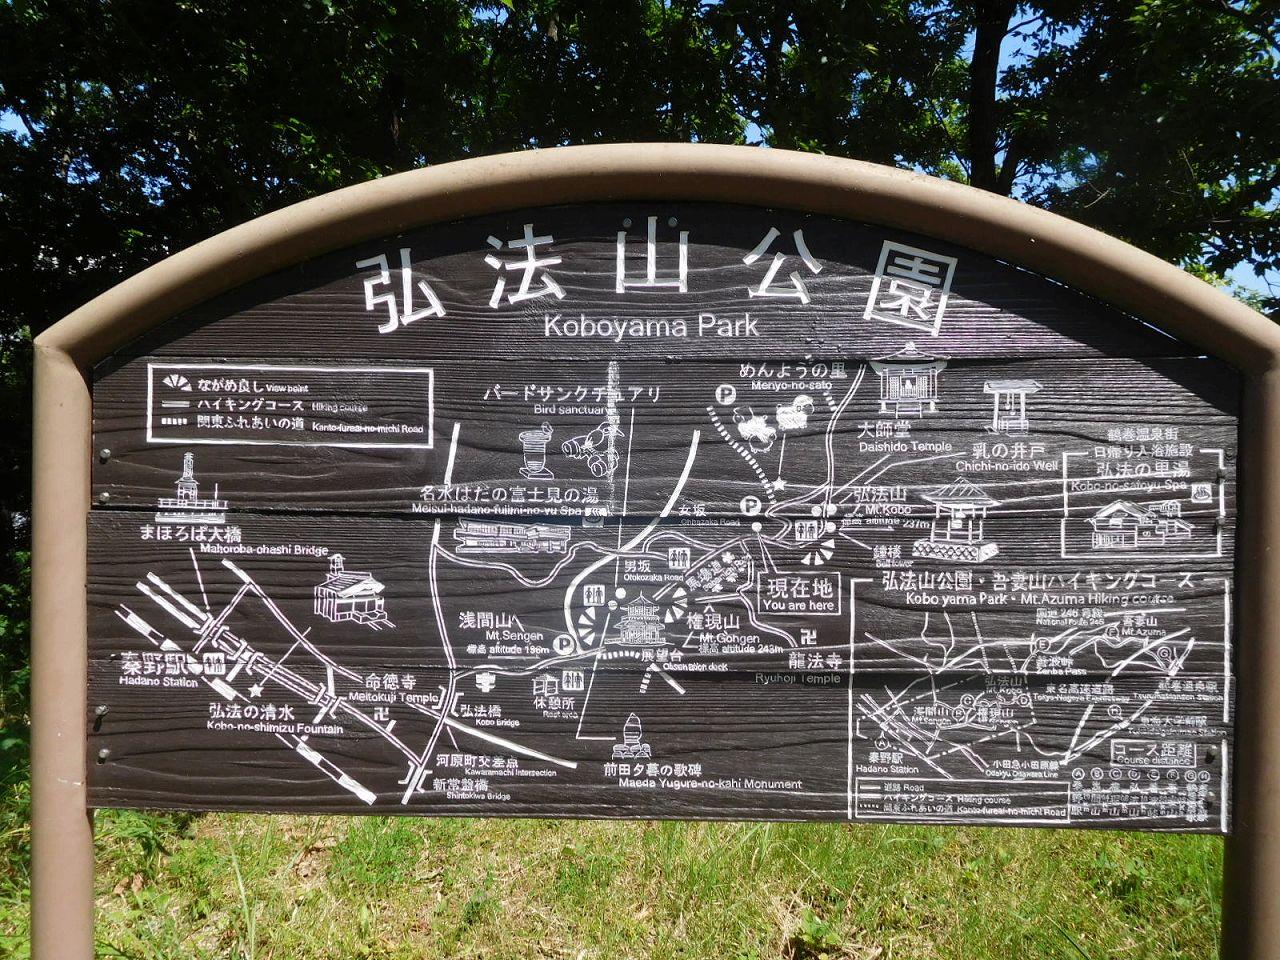 標高237.1m 弘法山公園の略図 ビューポイントも示されています